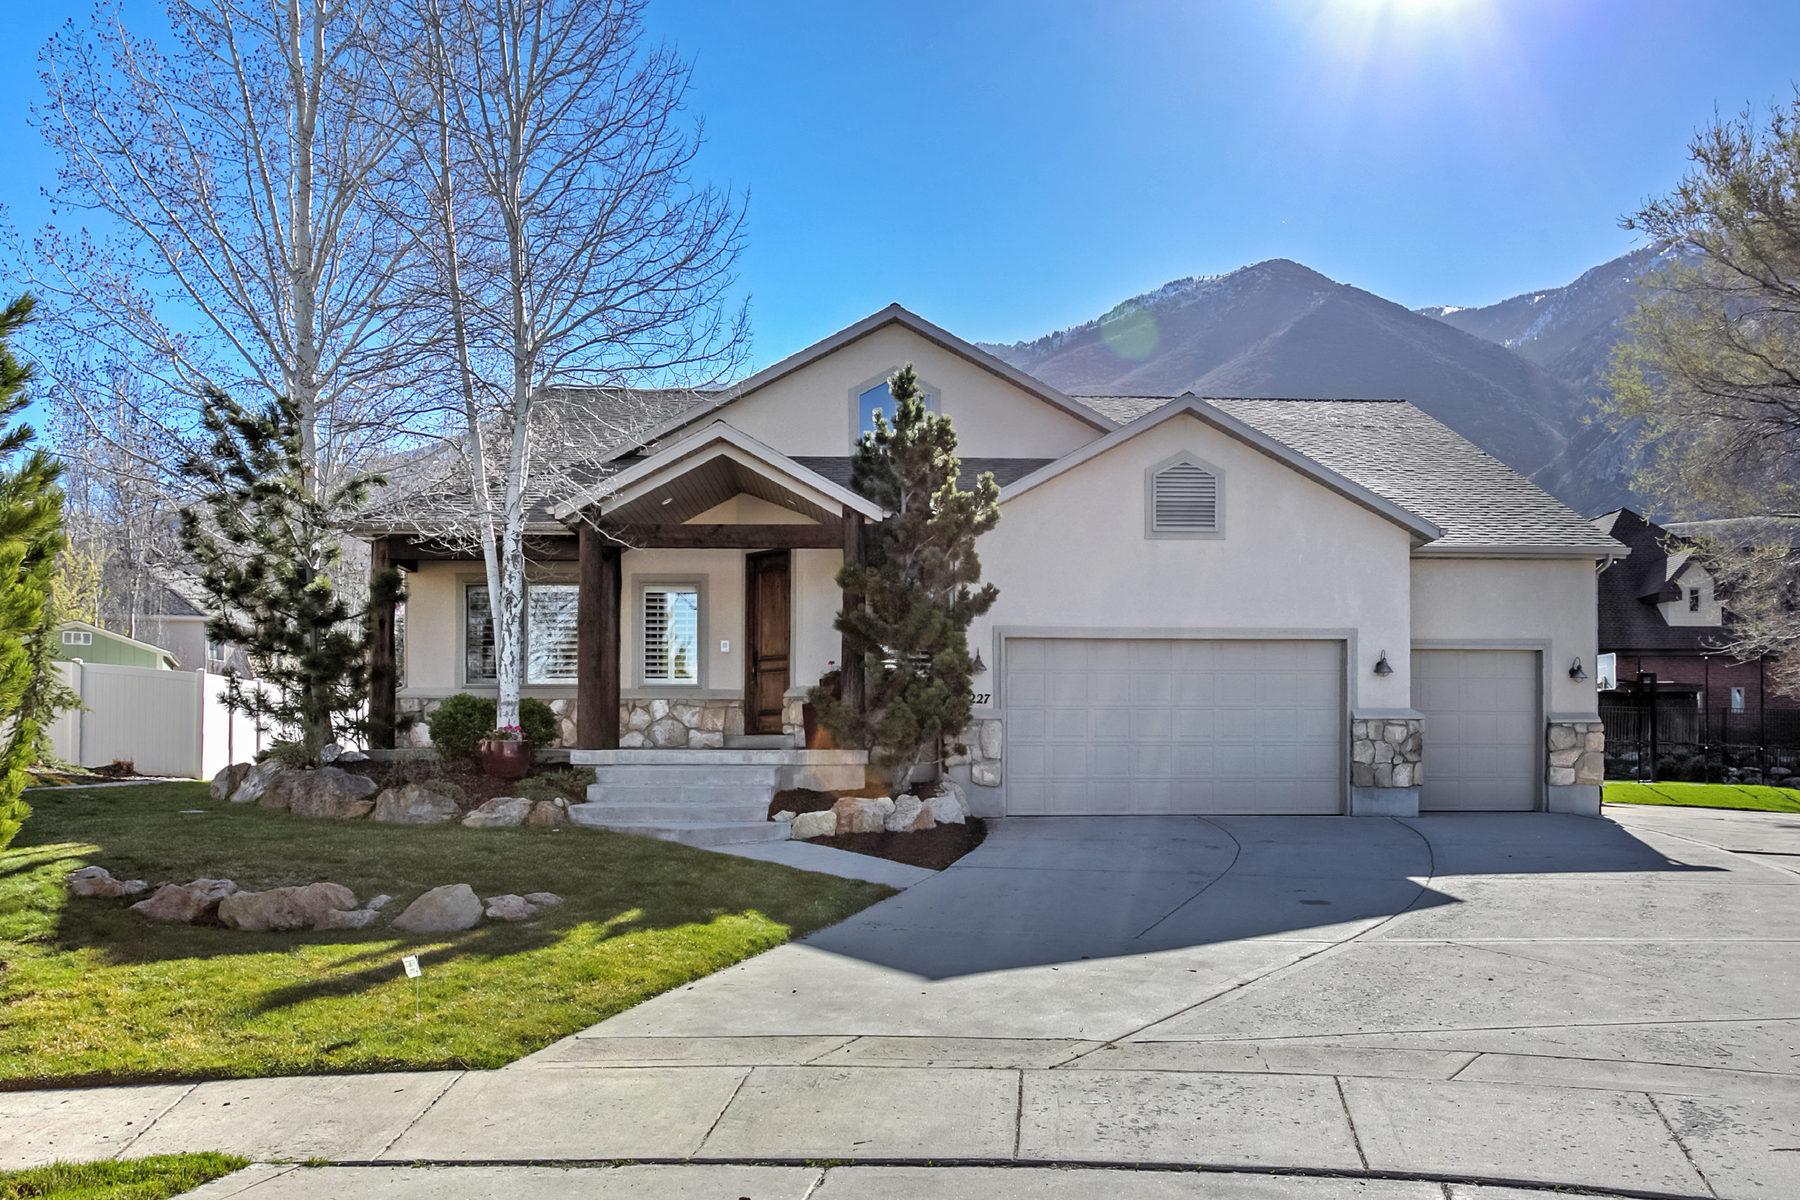 Casa Unifamiliar por un Venta en Park City Style in Draper 12227 Wingfoot Ct Draper, Utah, 84020 Estados Unidos